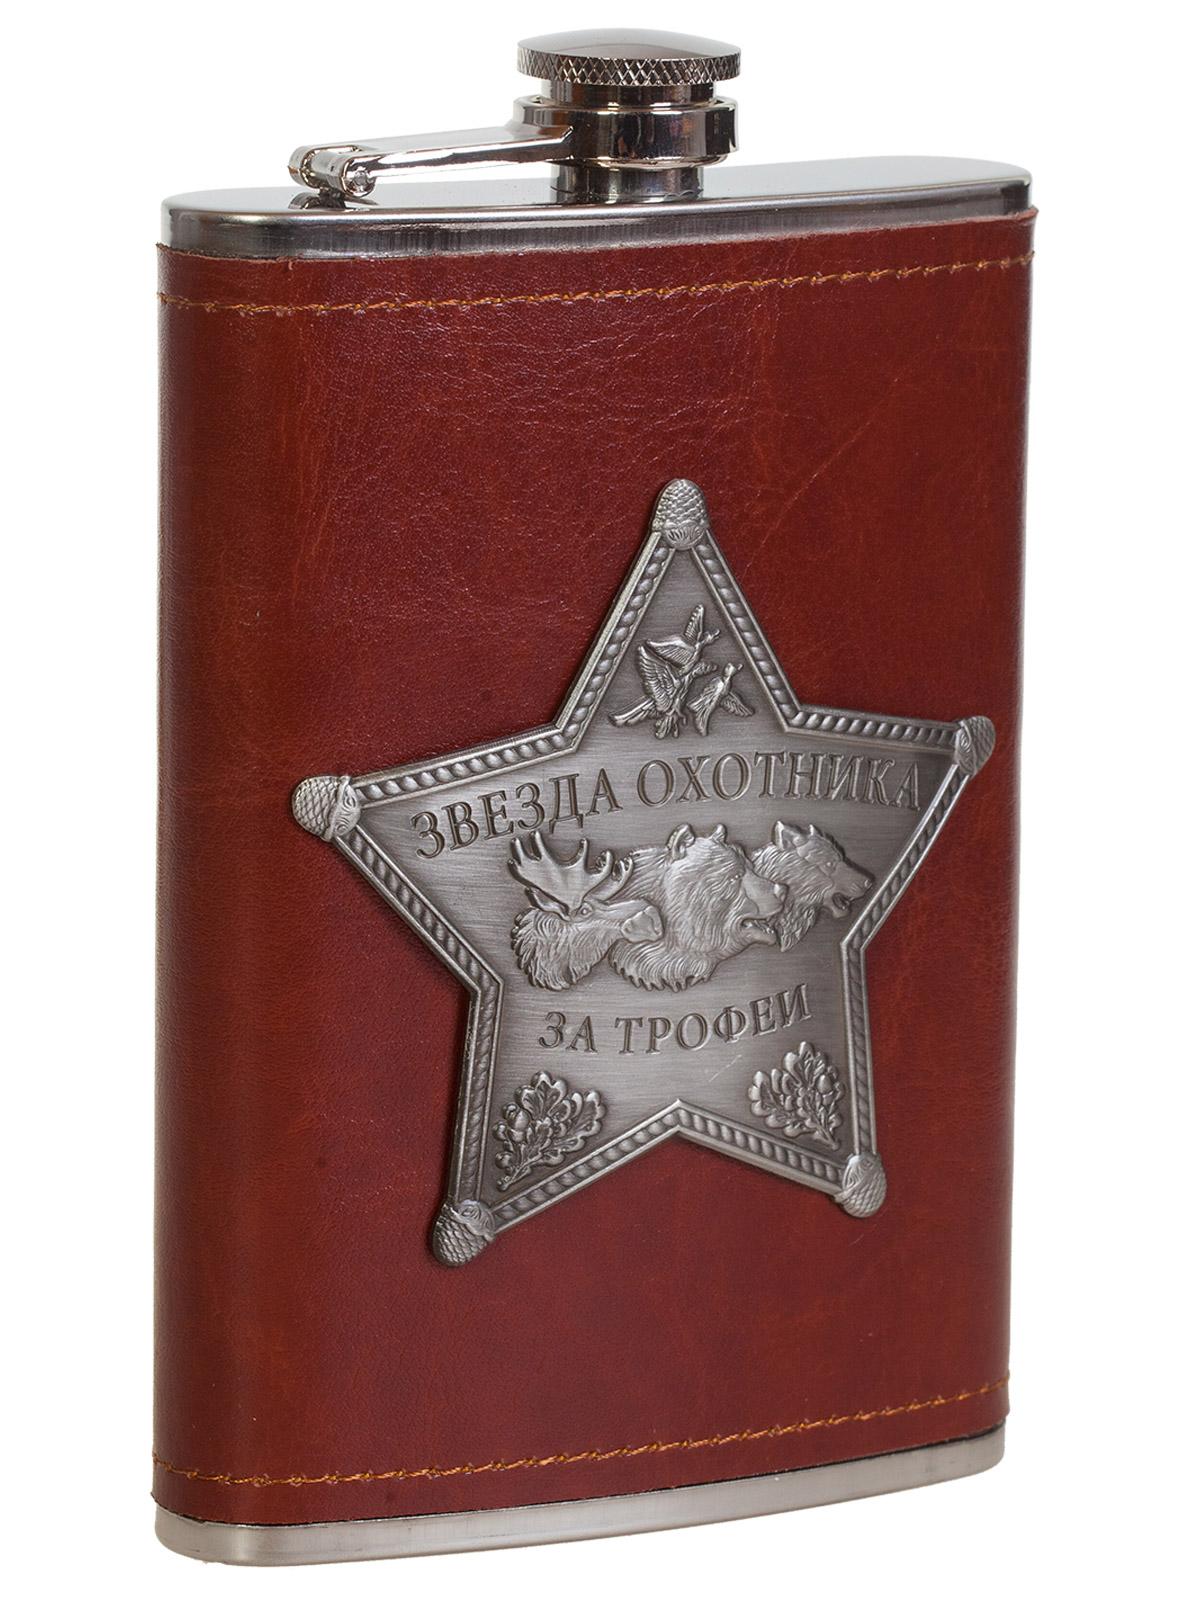 Купить оригинальную фляжку в чехле с накладкой Звезда Охотника выгодно с доставкой